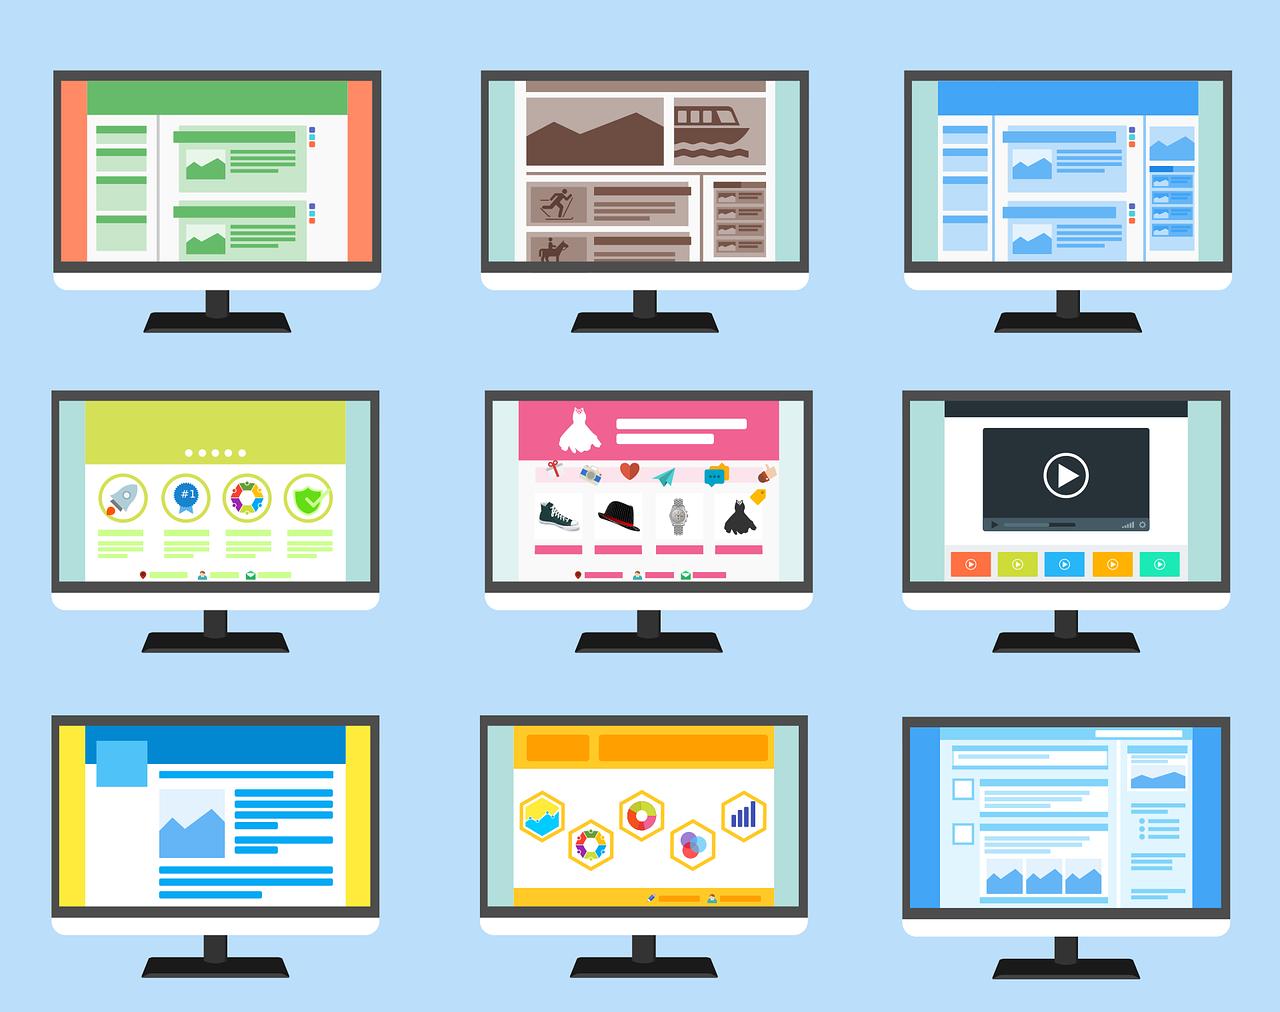 Ilustração com nove telas de computador mostrando páginas diferentes da web.